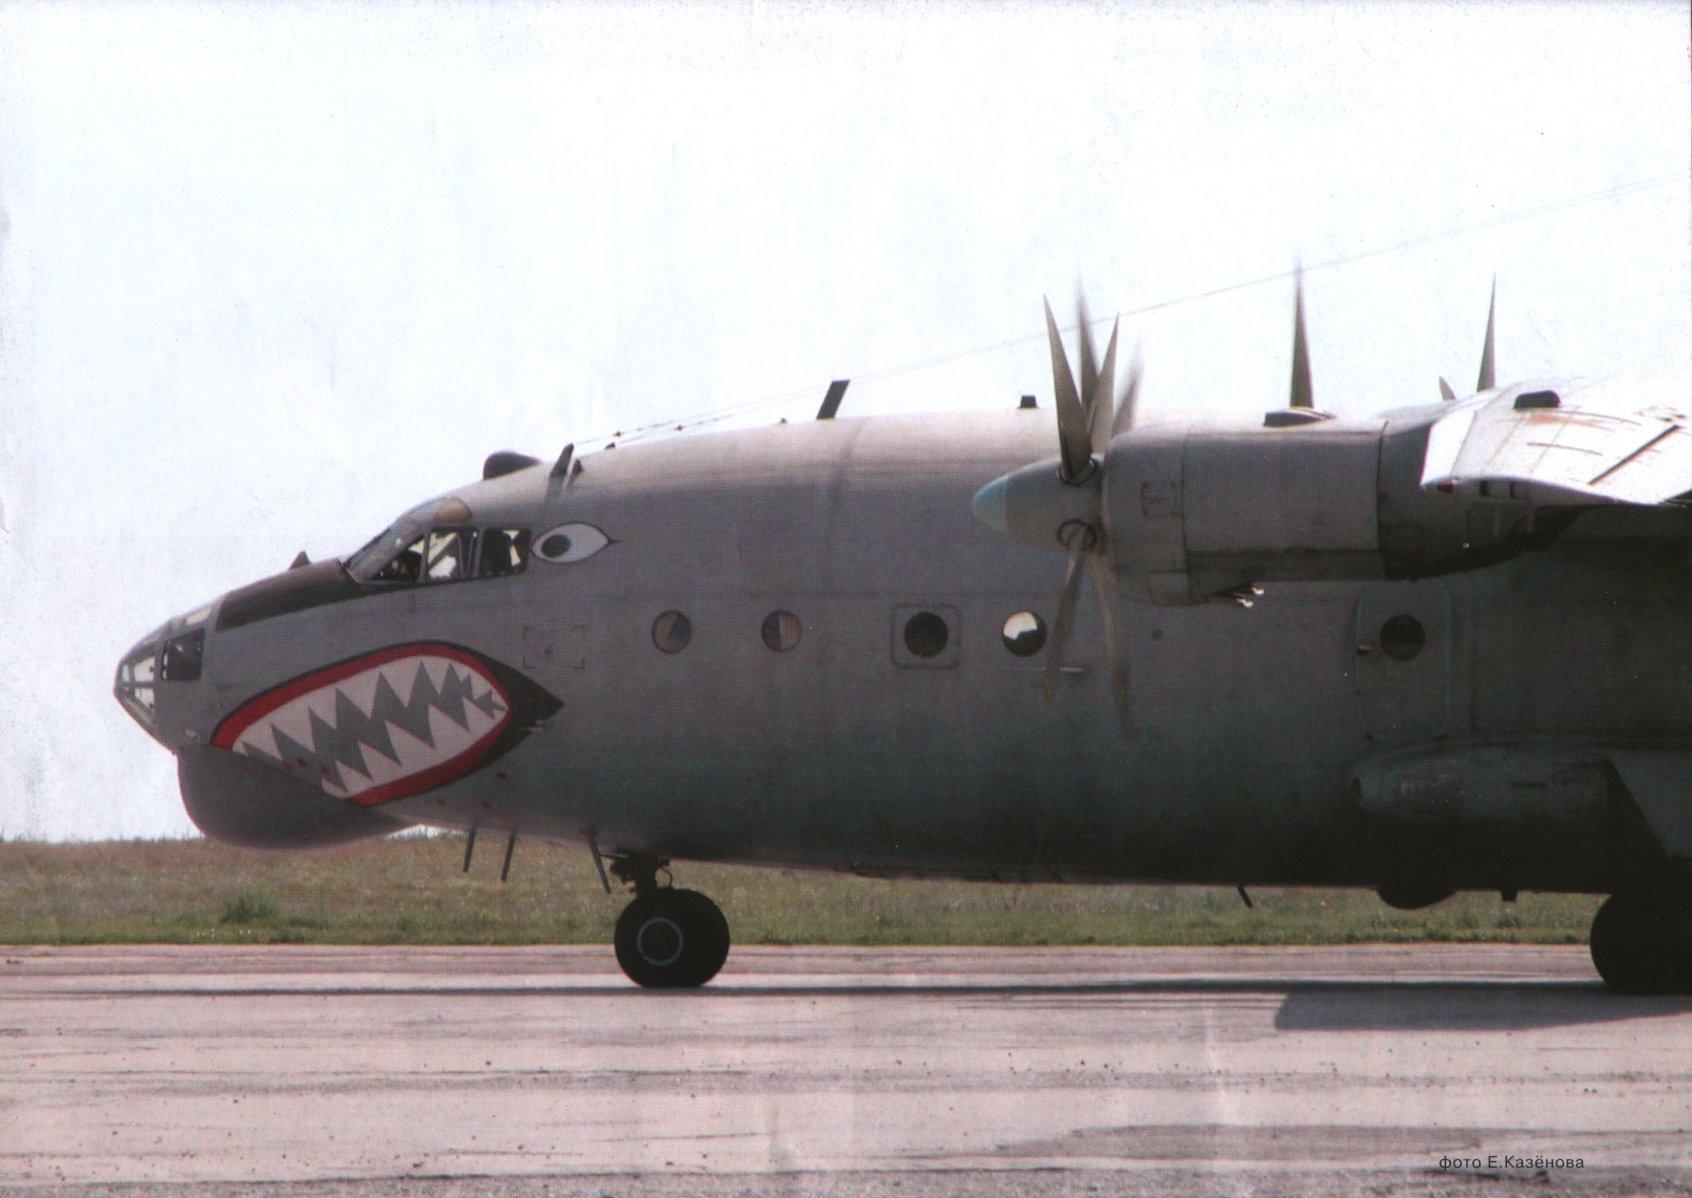 """Ан-12 (по кодификации НАТО: Cub -  """"Щенок """") - советский военно-транспортный самолёт.  Из-за унификации производства..."""